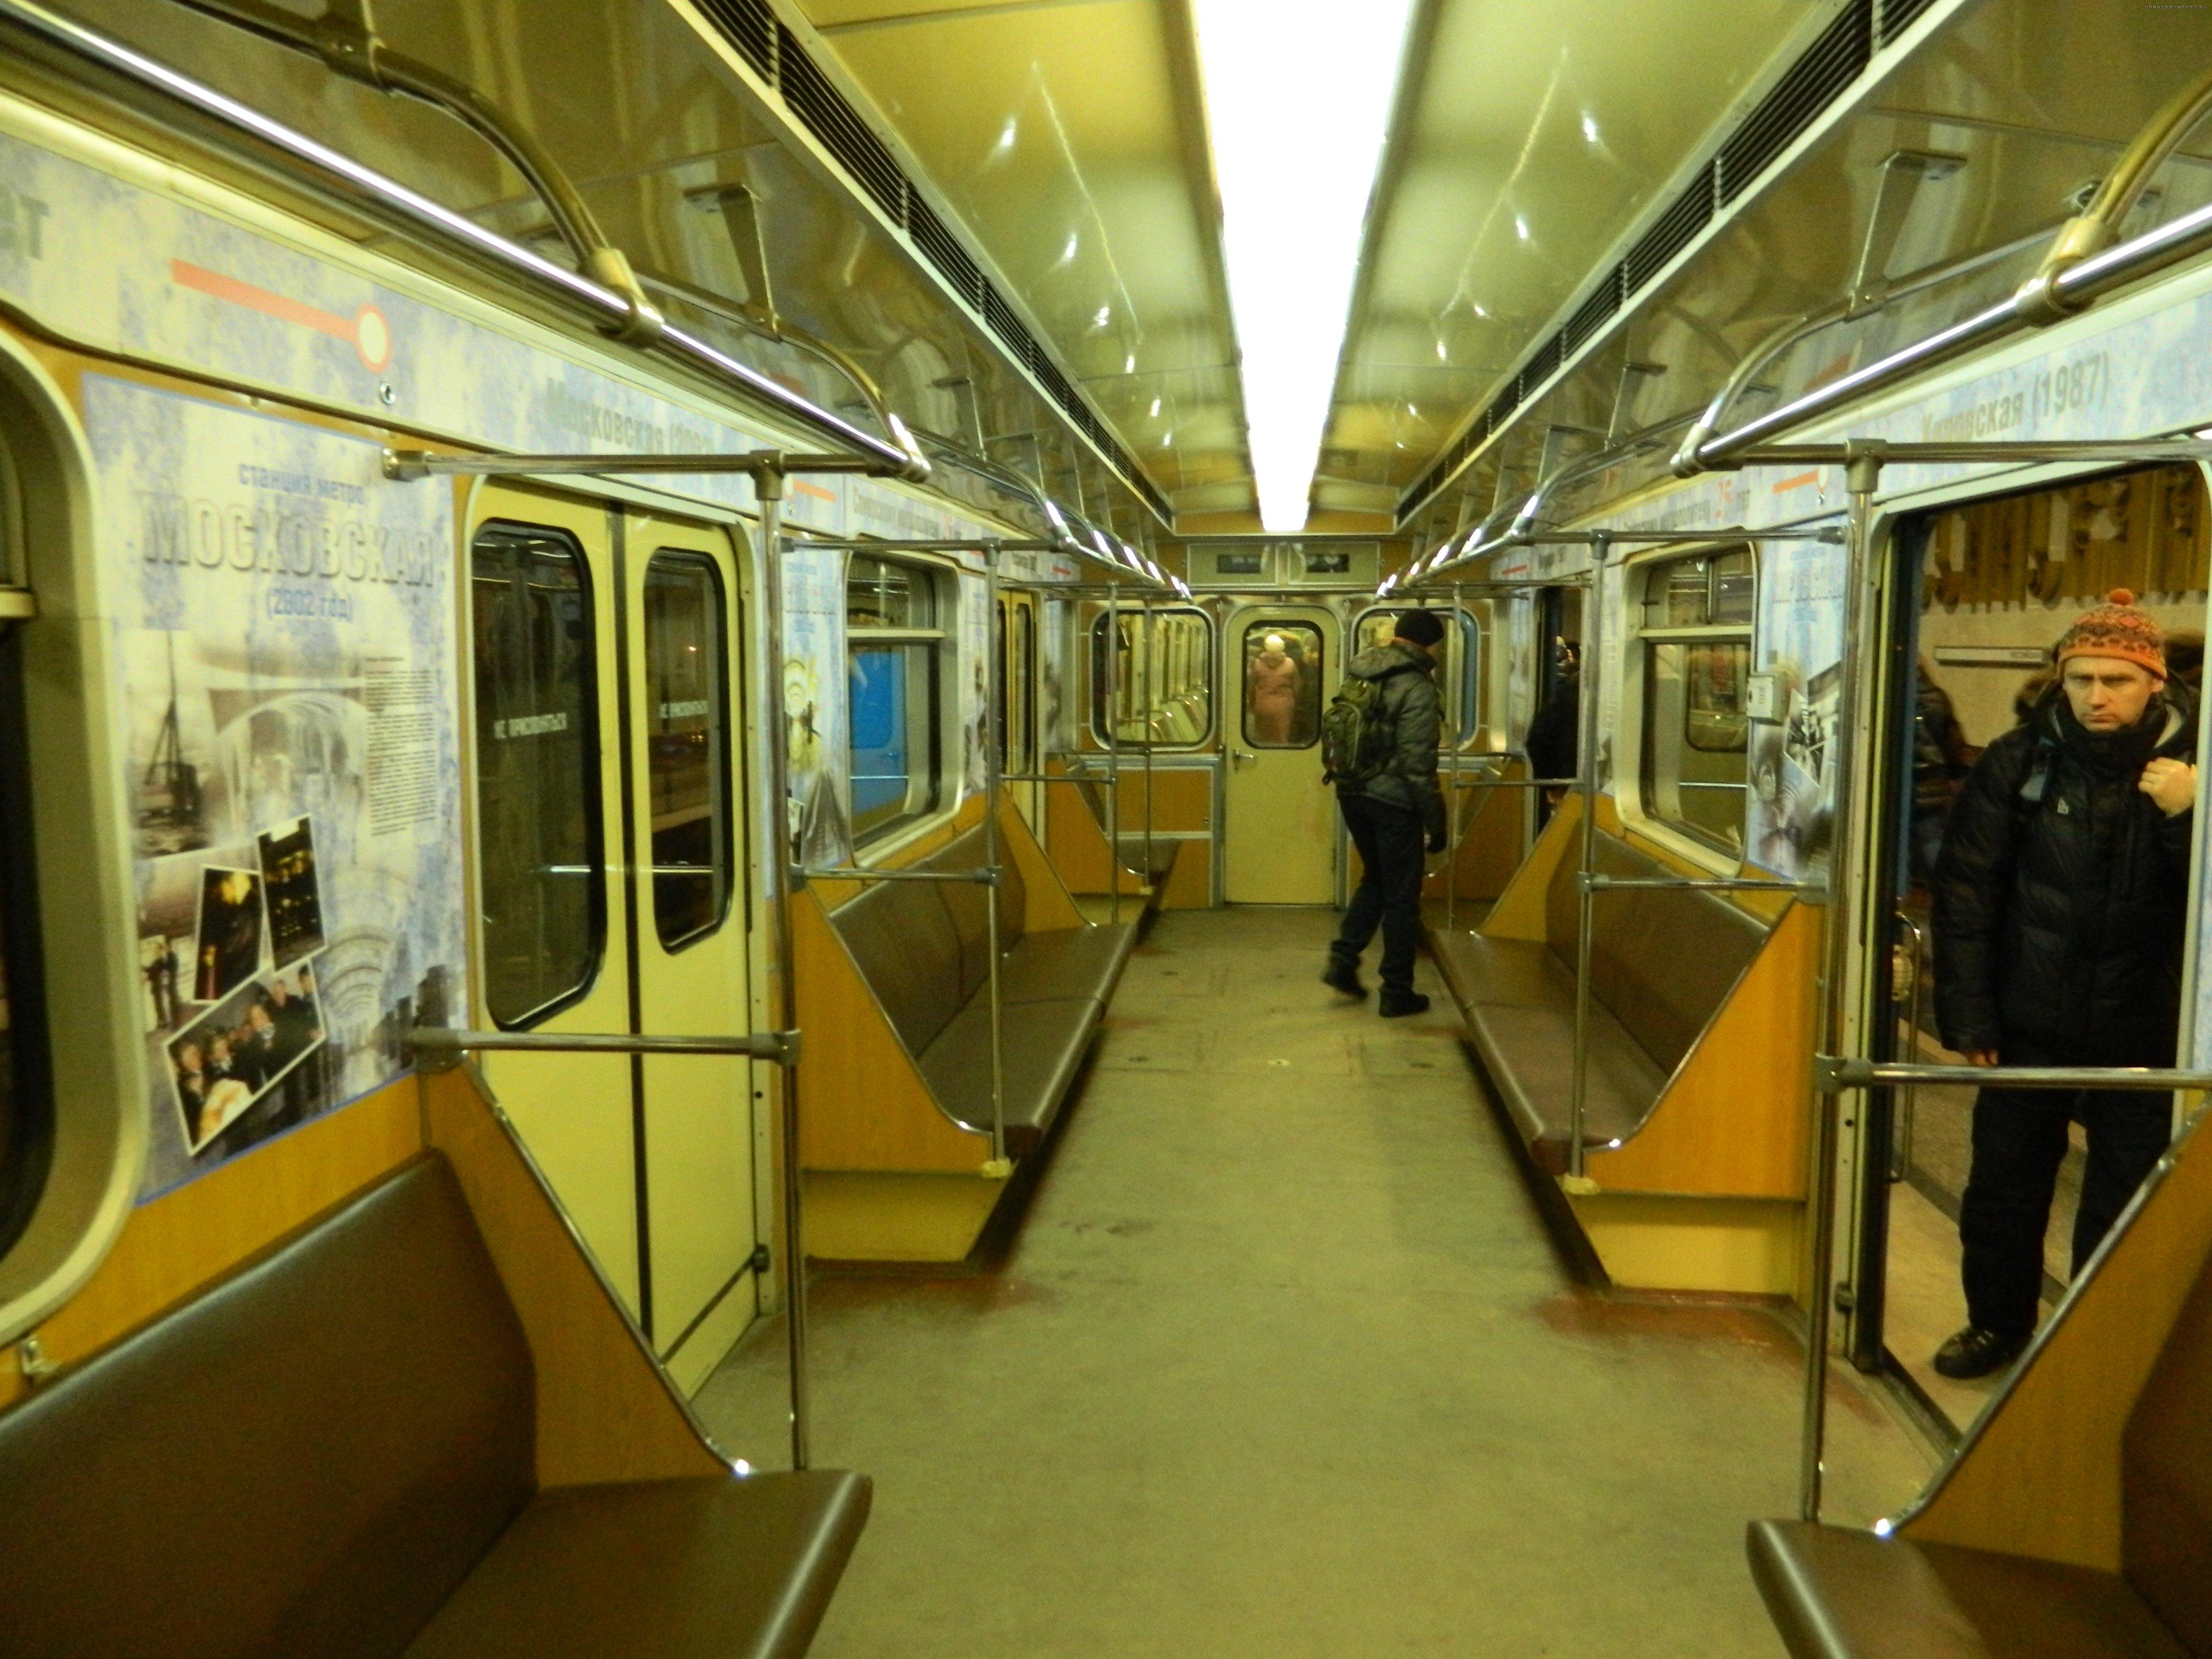 Рассказ в вагоне метро, : Эротические рассказы и секс. Рассказ 6 фотография